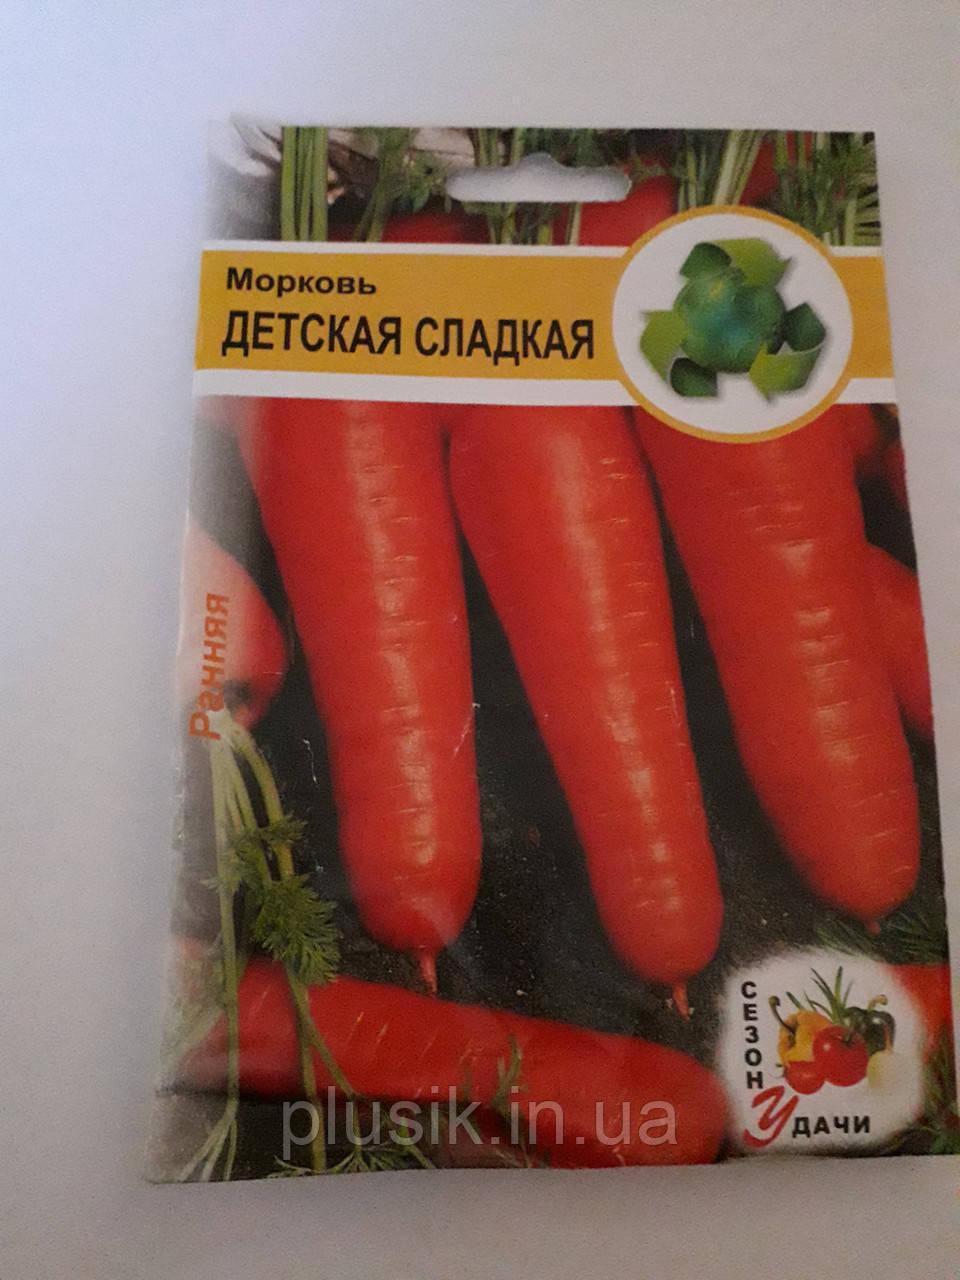 Морковь Детская Сладкая ранняя 20 гр. (минимальный заказ 10 пачек)